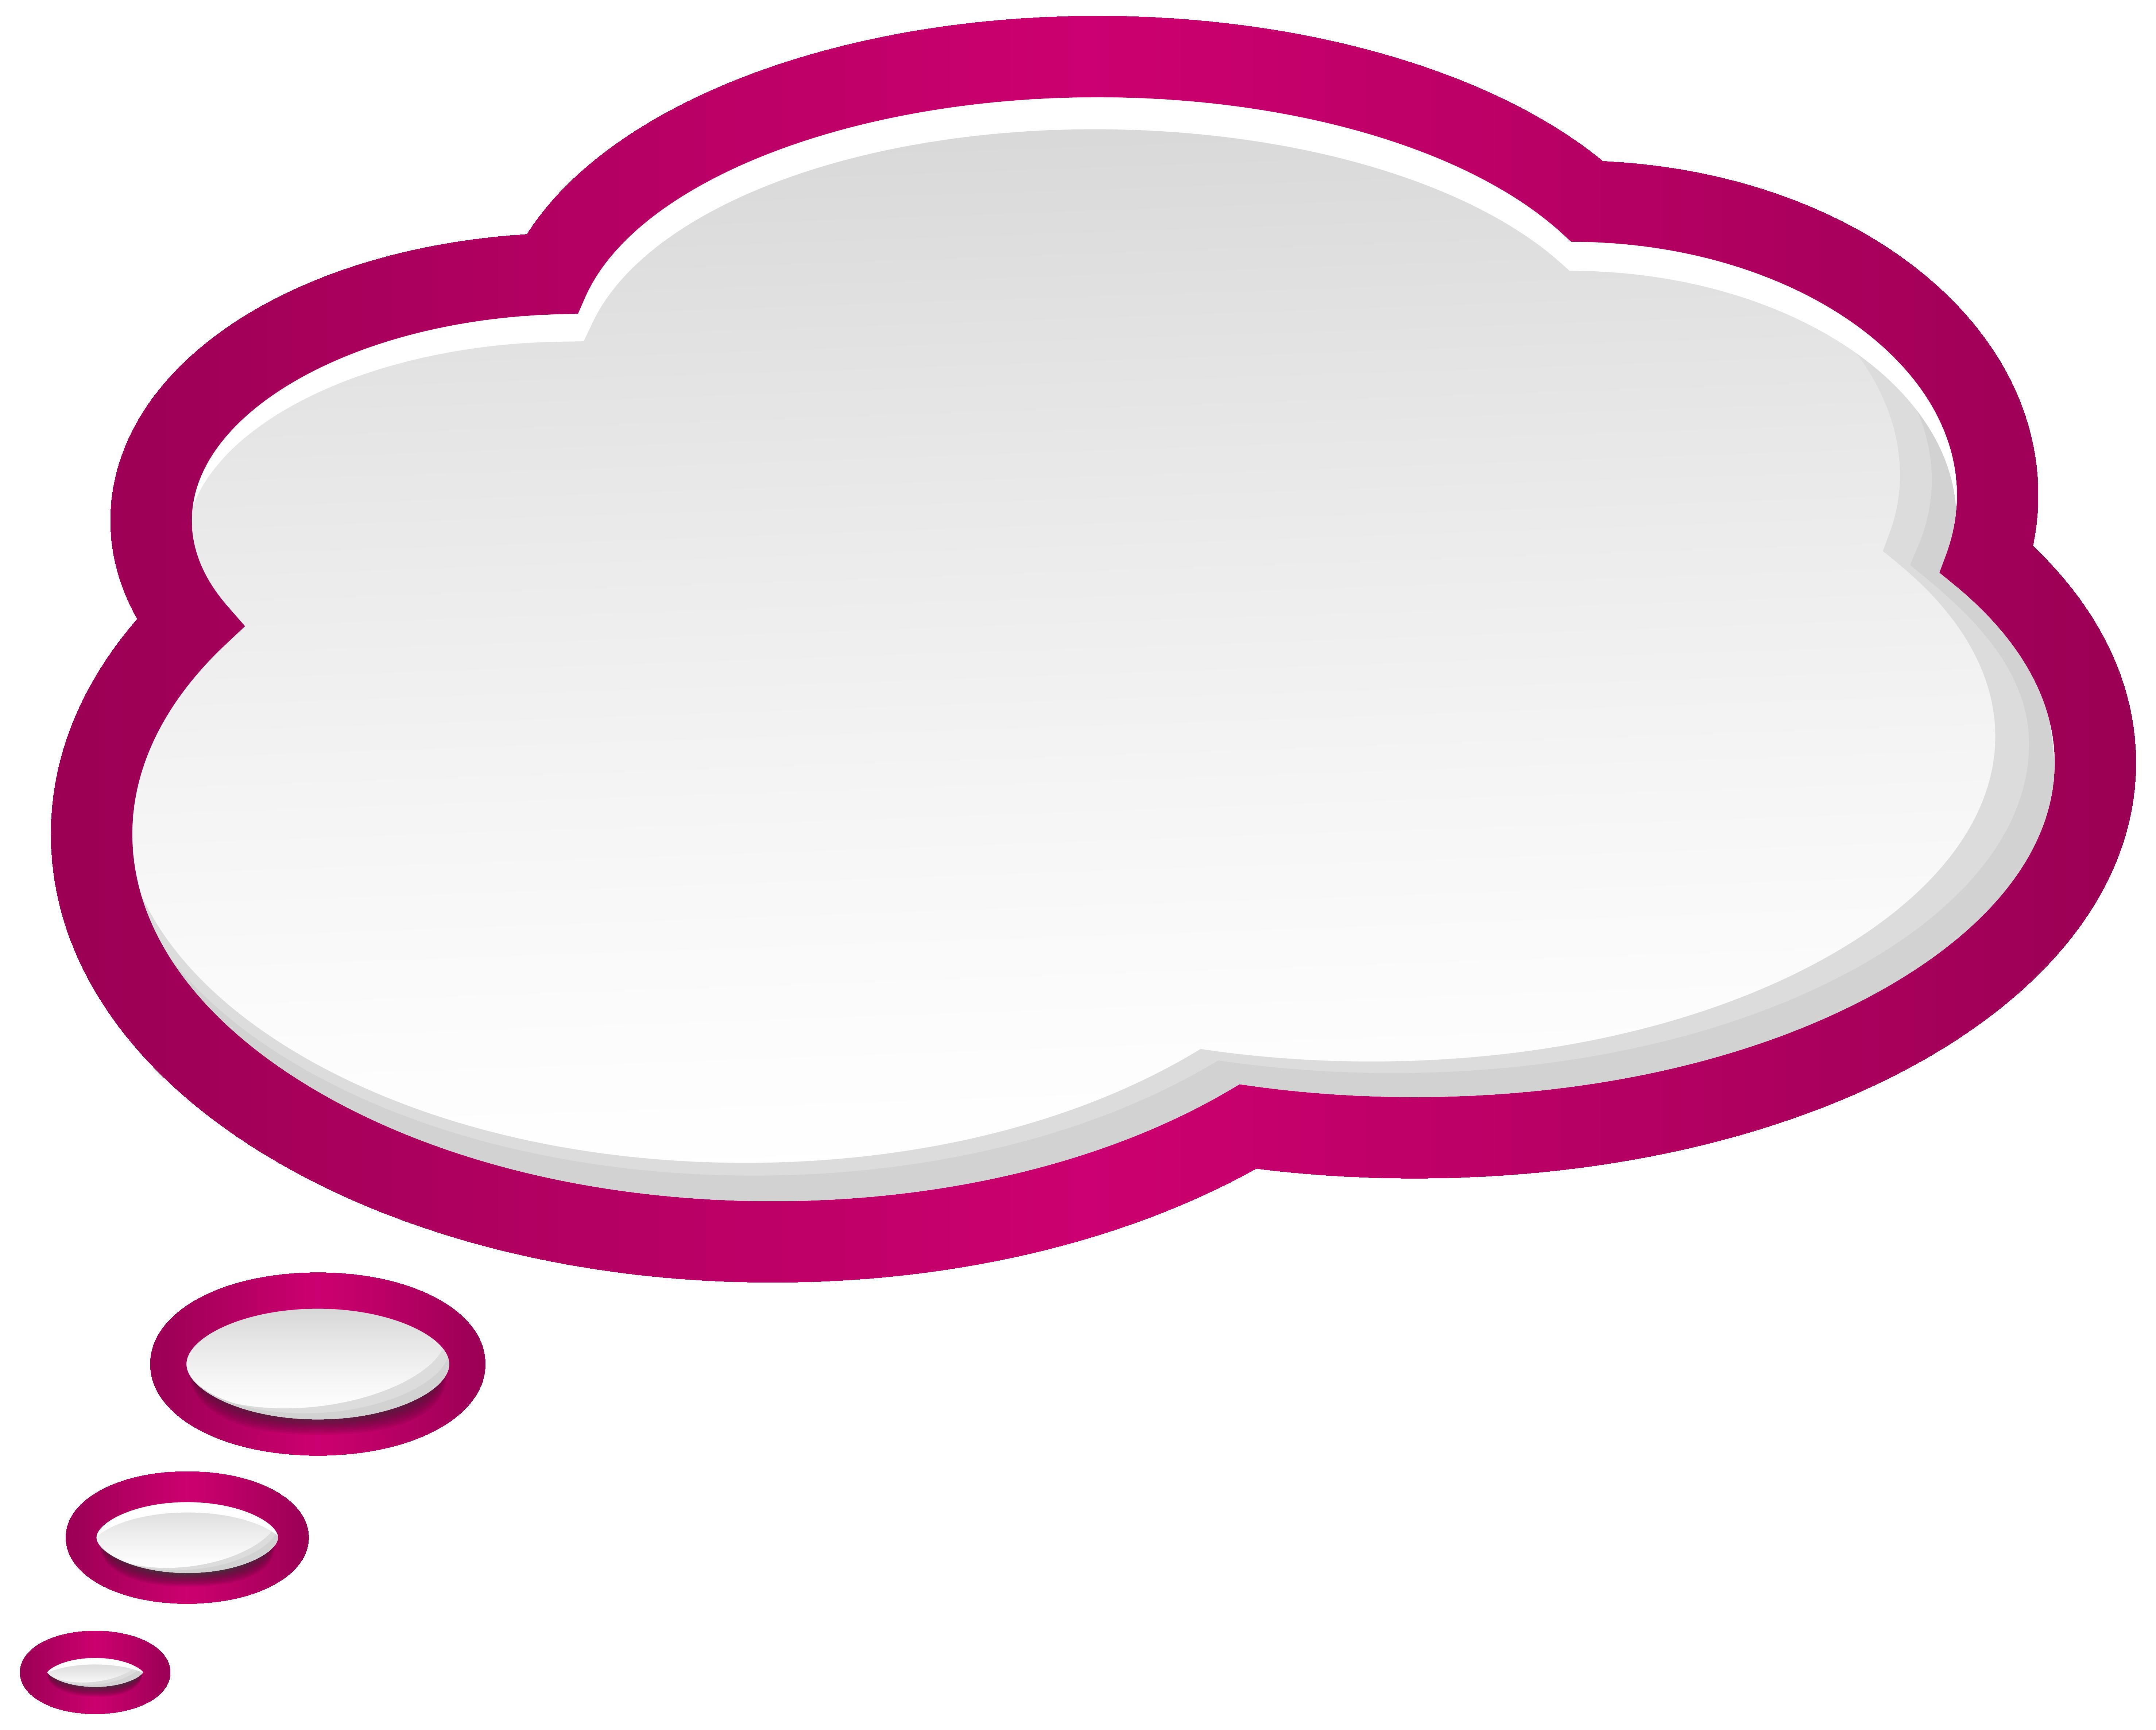 Bubble speech pink white. Einstein clipart hint